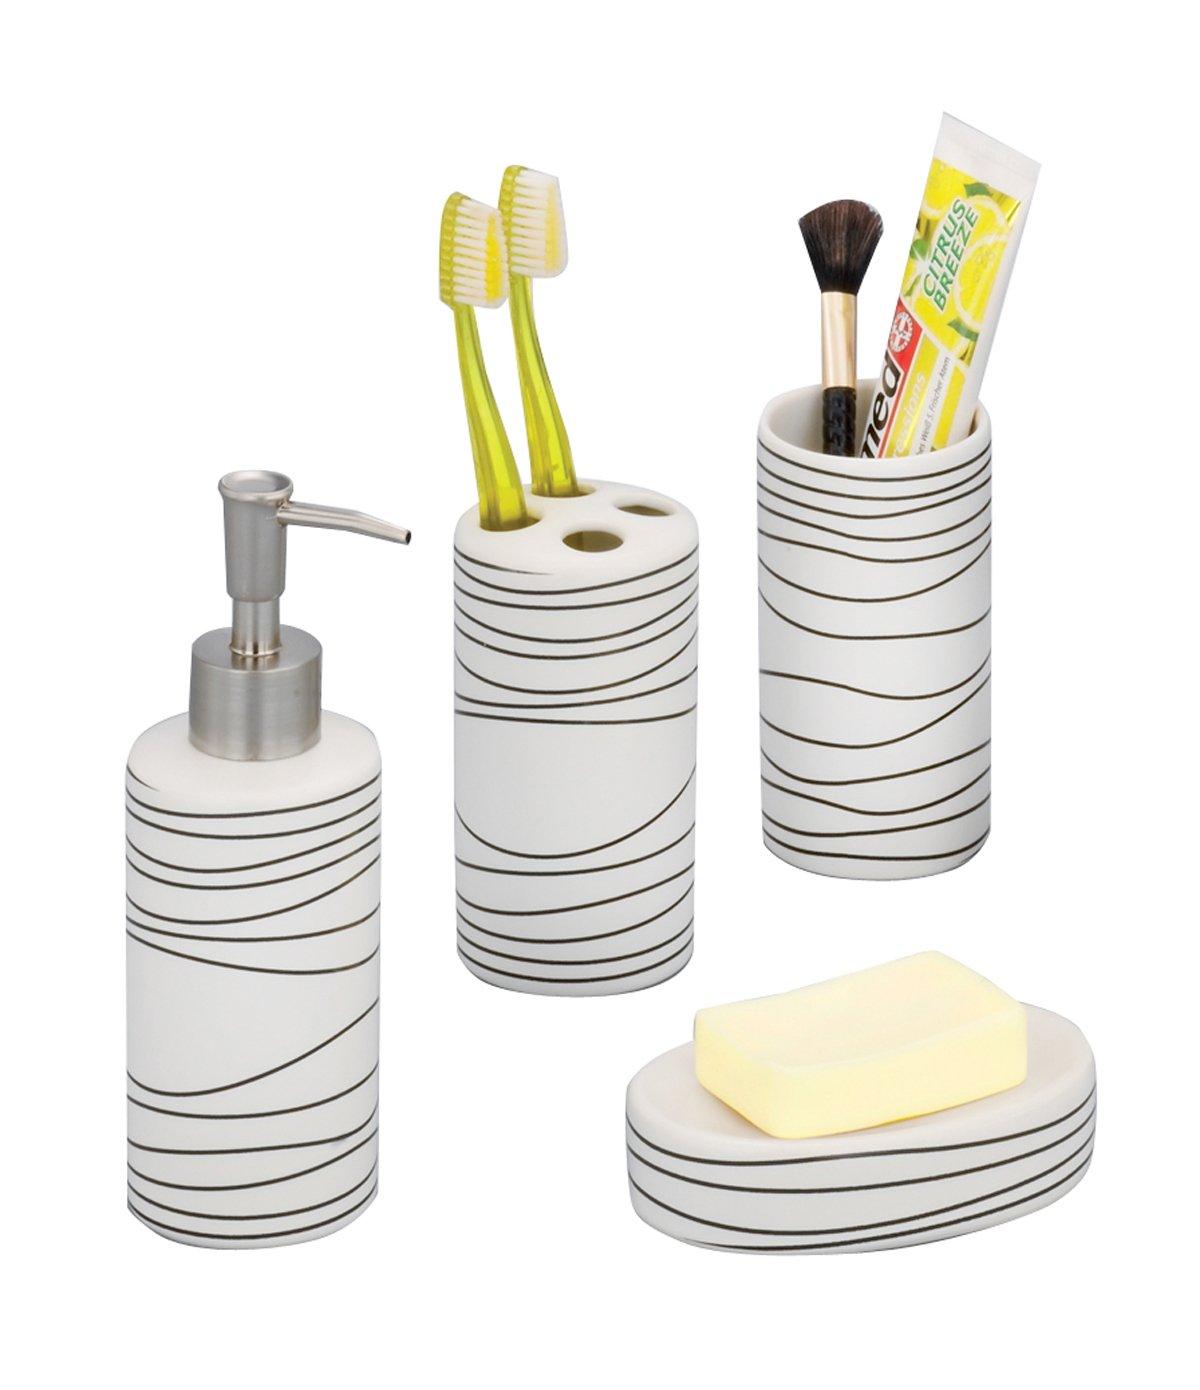 Zeller 18250 - Juego de accesorios de baño, fabricado en cerámica (4 piezas), color blanco   Comentarios de clientes y más noticias